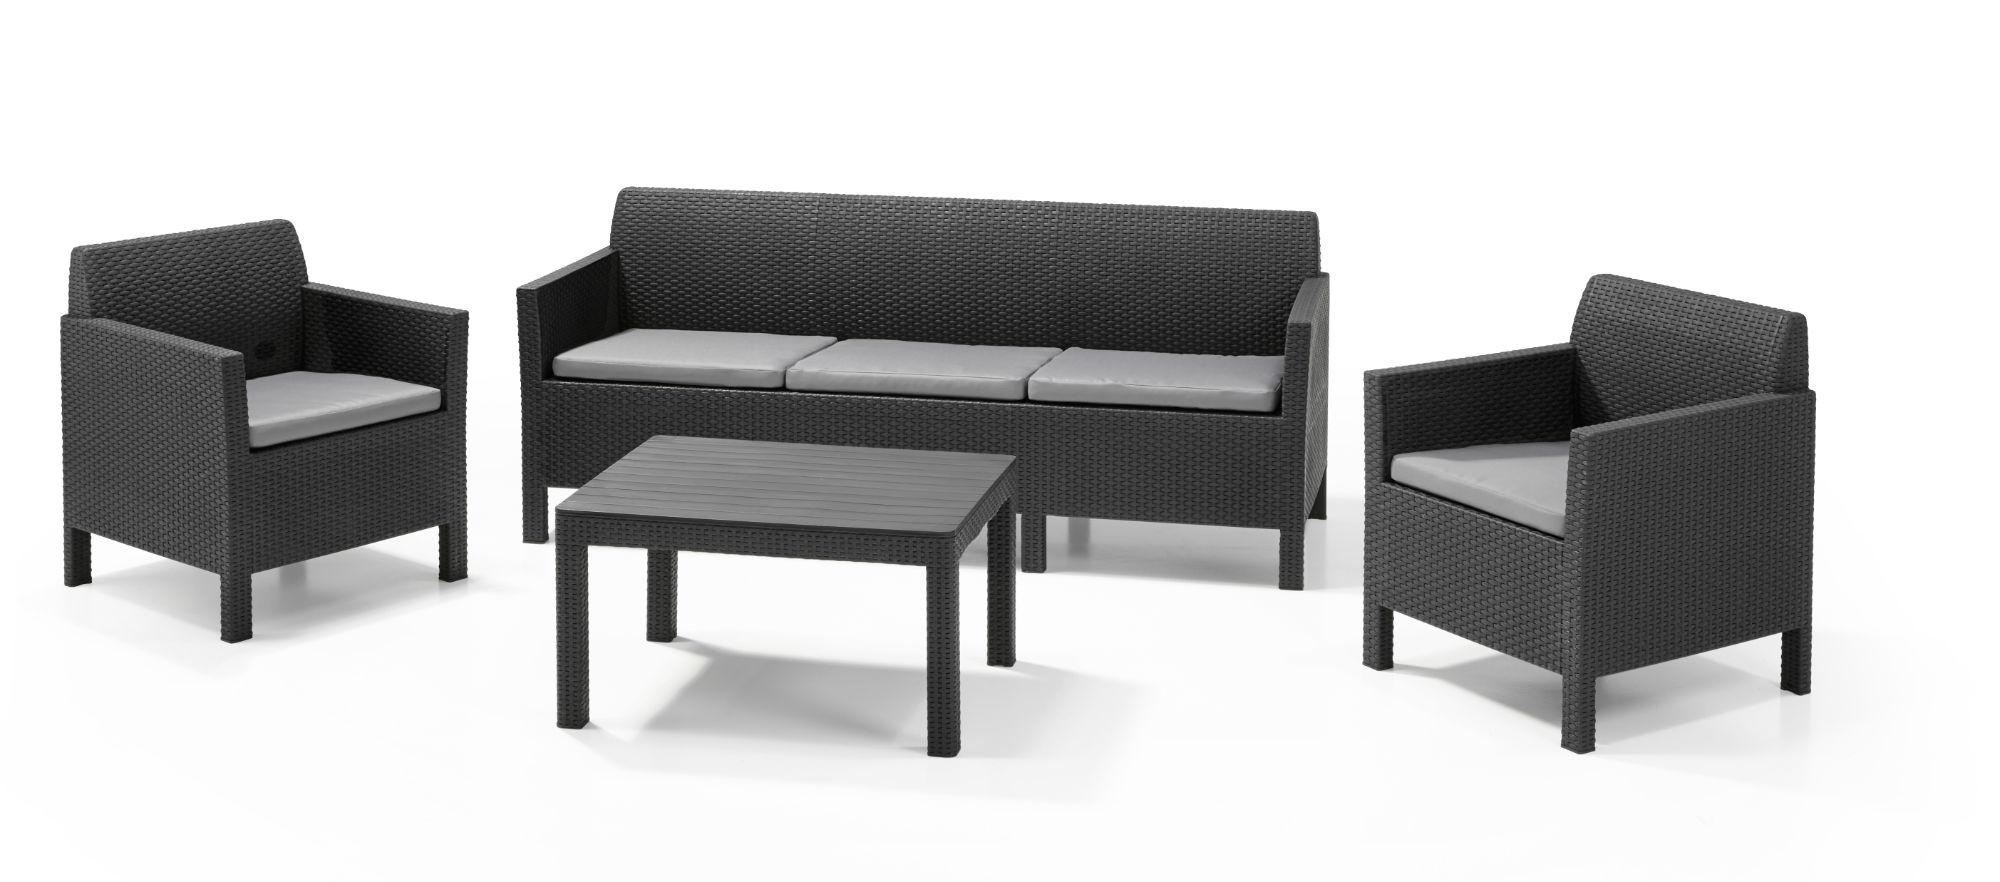 Loungemöbel | Lounge-Gartenmöbel | Lounge Sets - Allibert serapportantà Salon De Jardin Allibert Salta